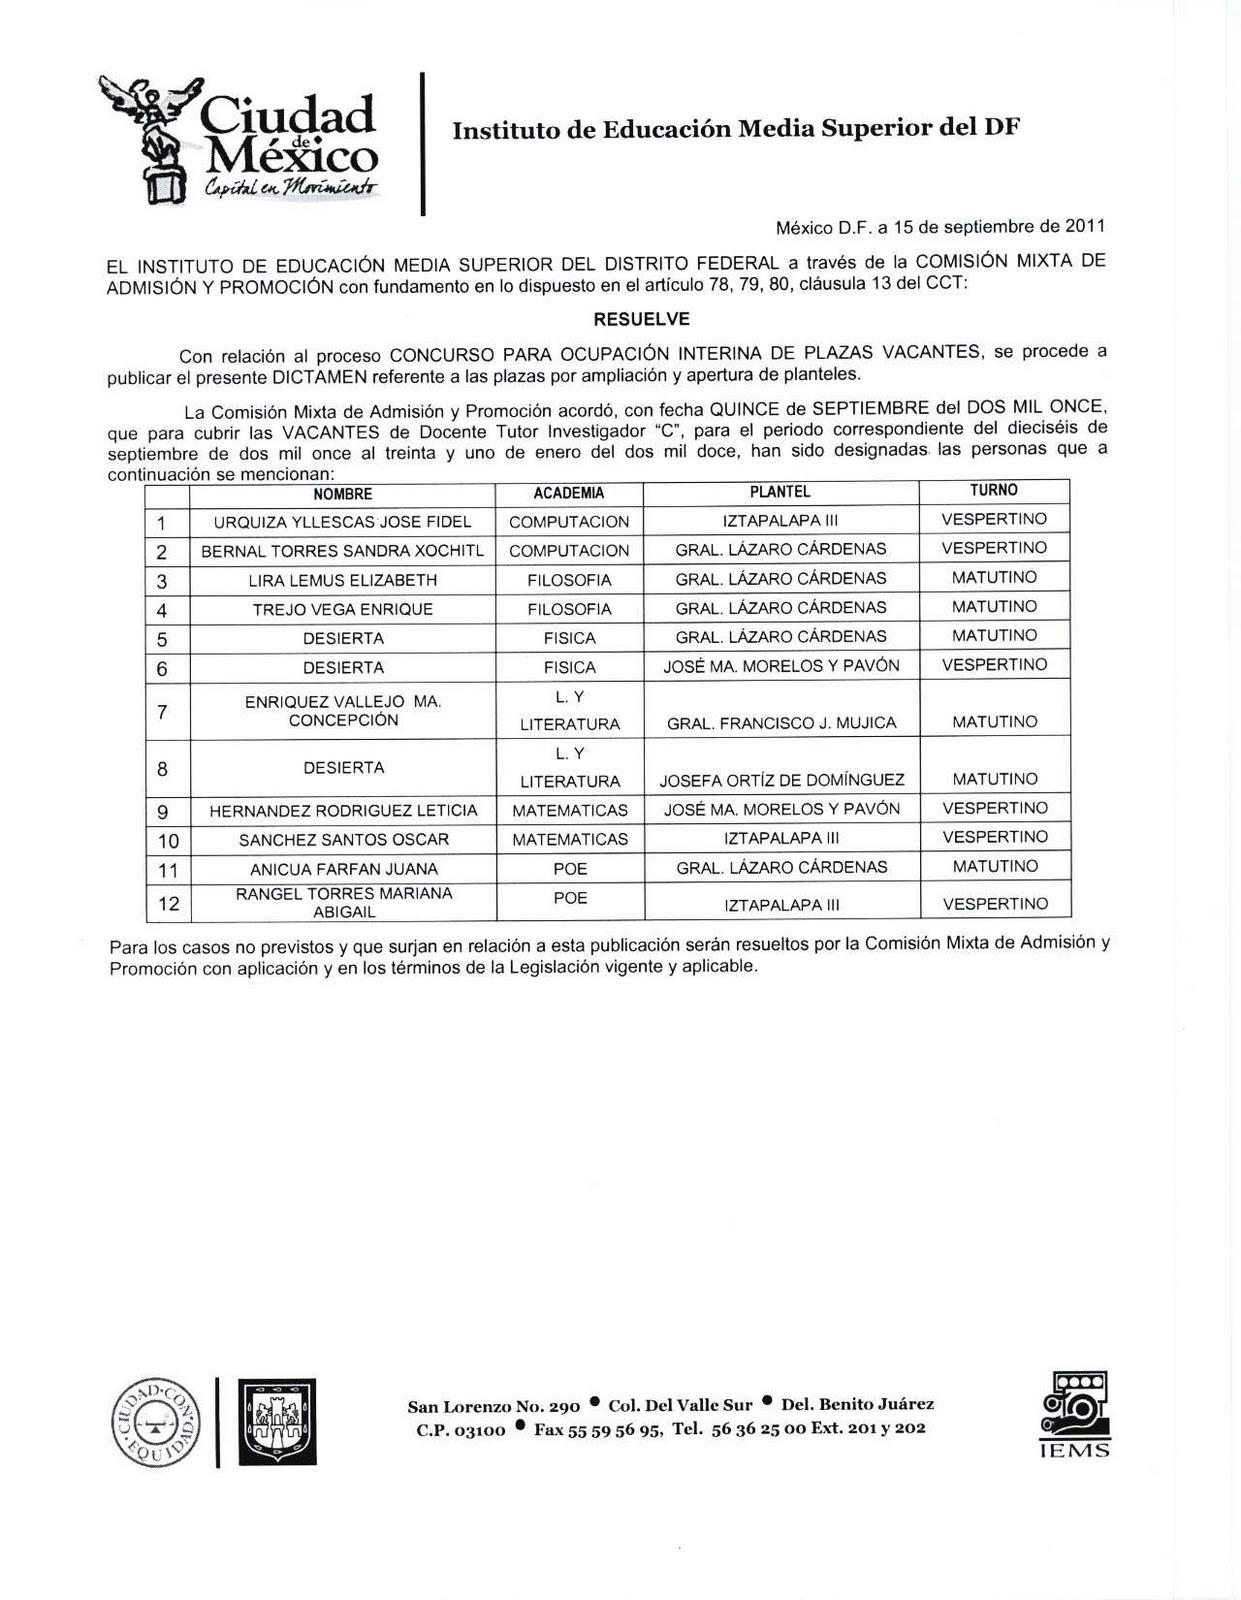 La hormiga de la base resultados plazas docentes 2011 for Convocatoria para plazas docentes